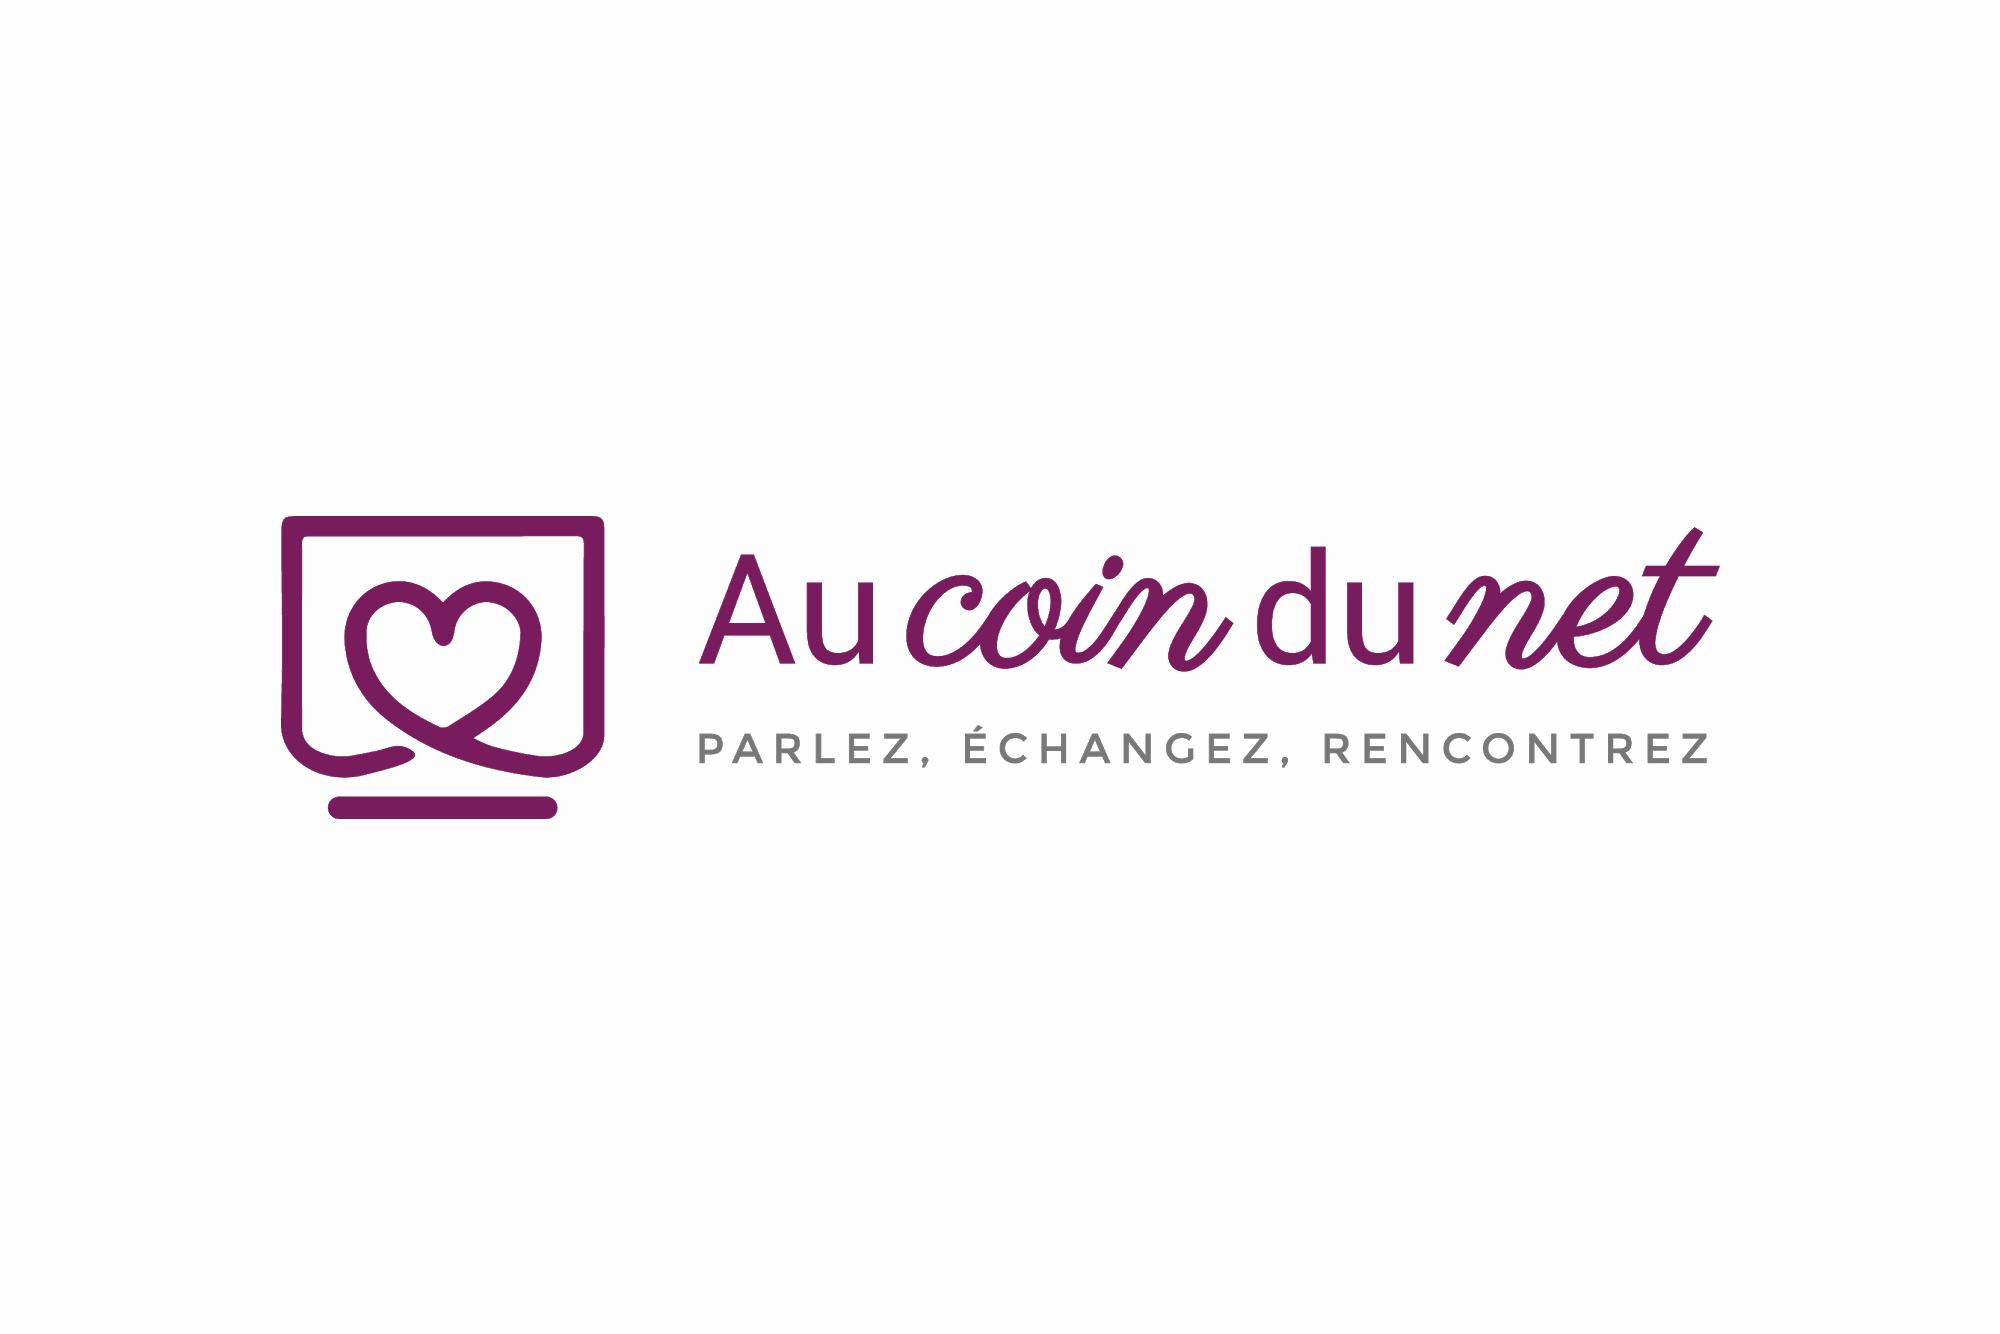 au-coin-du-net_3